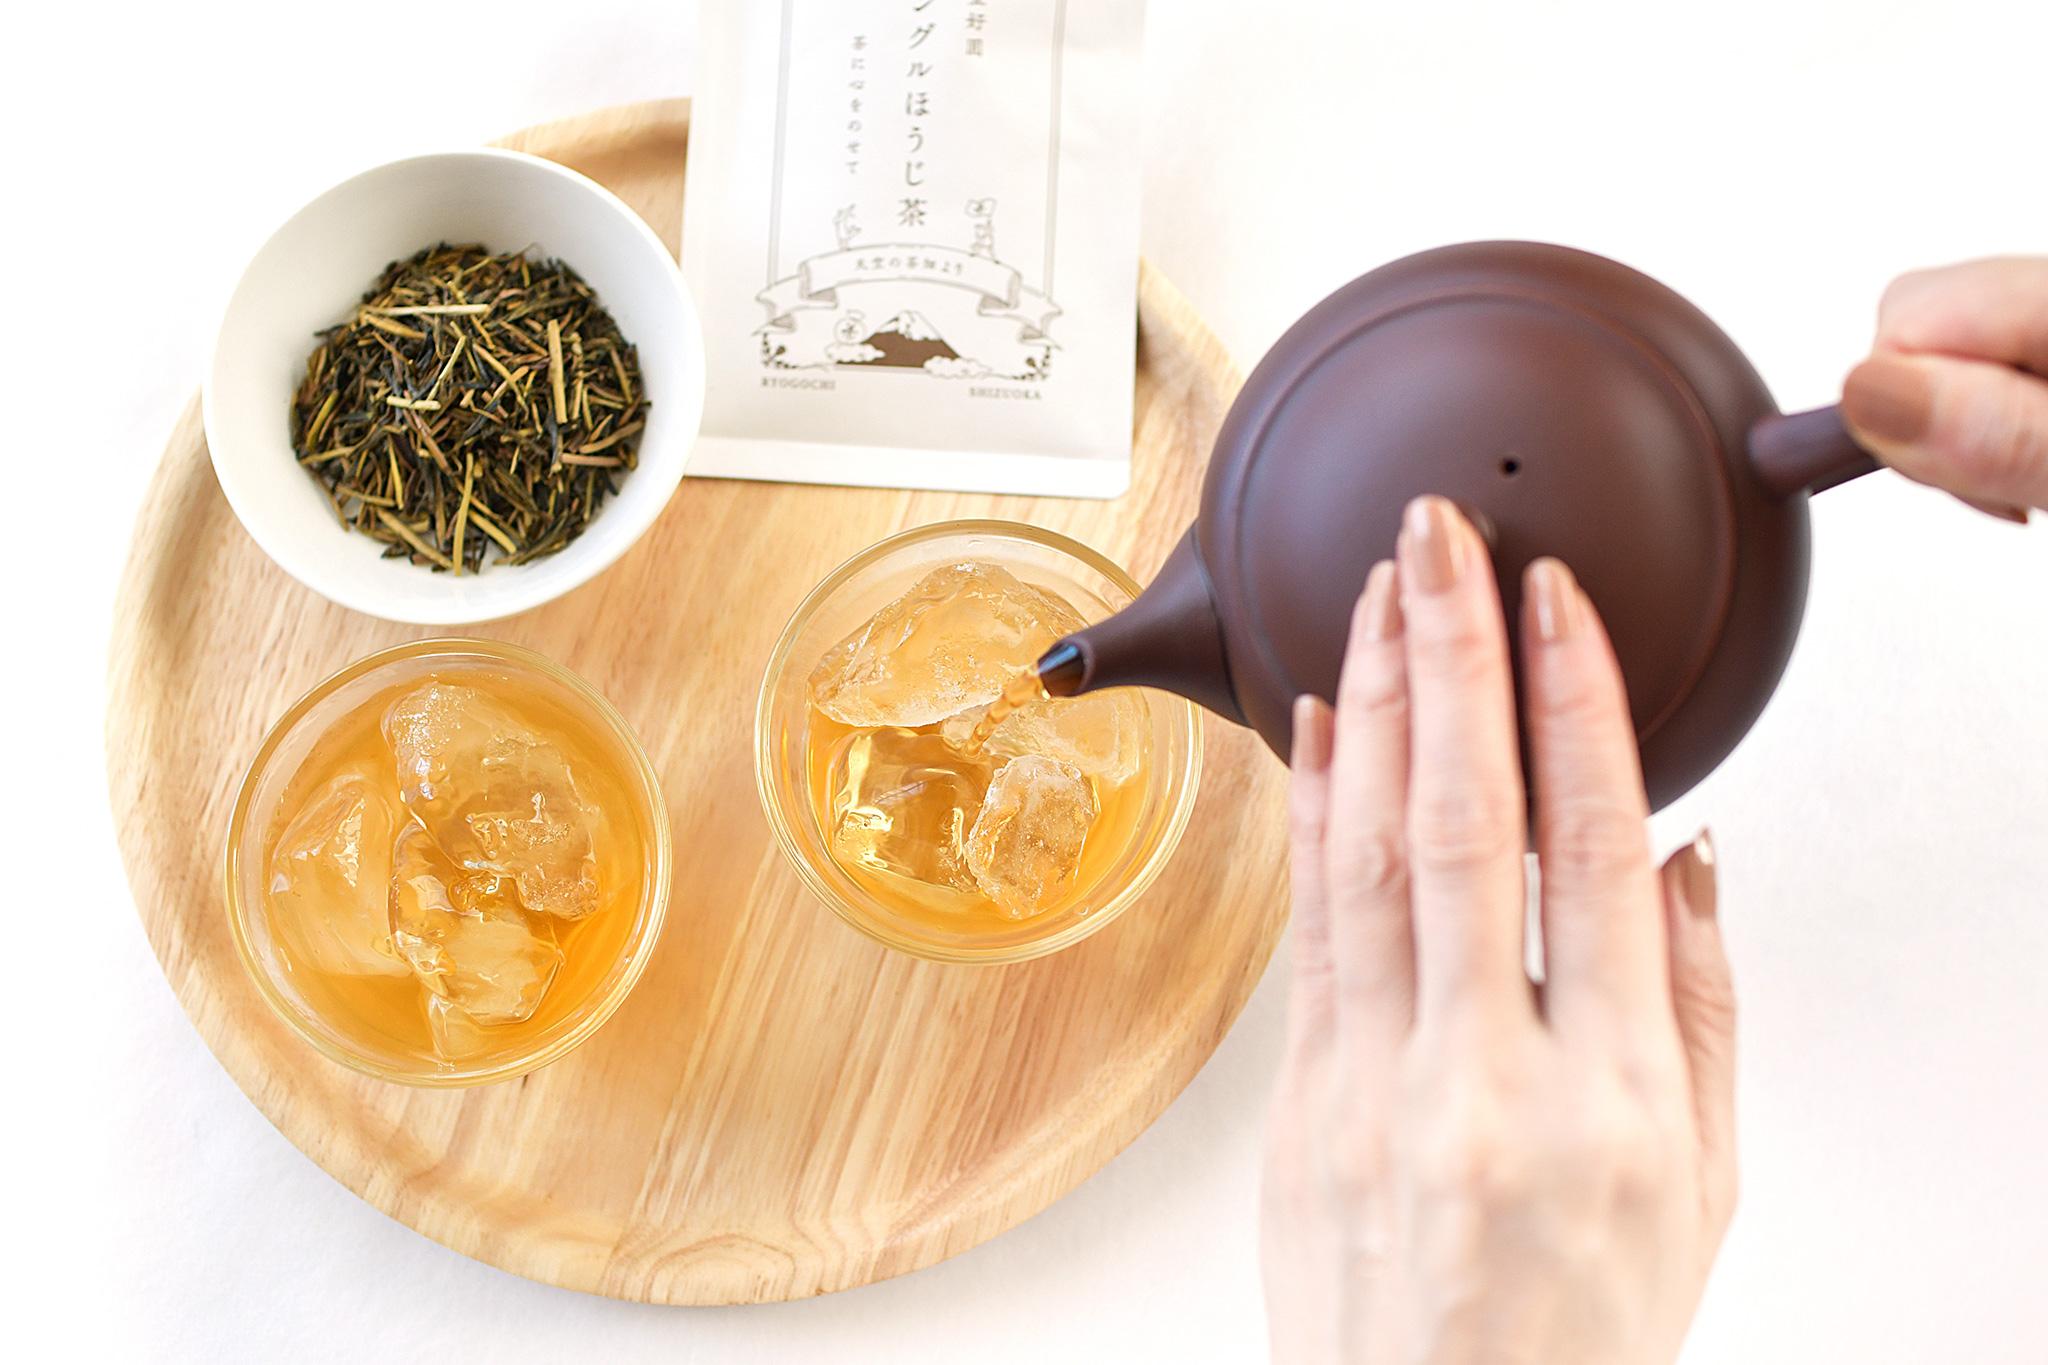 夏の黄金ほうじ茶で、圧倒的な「生の焙じ」感を体験!